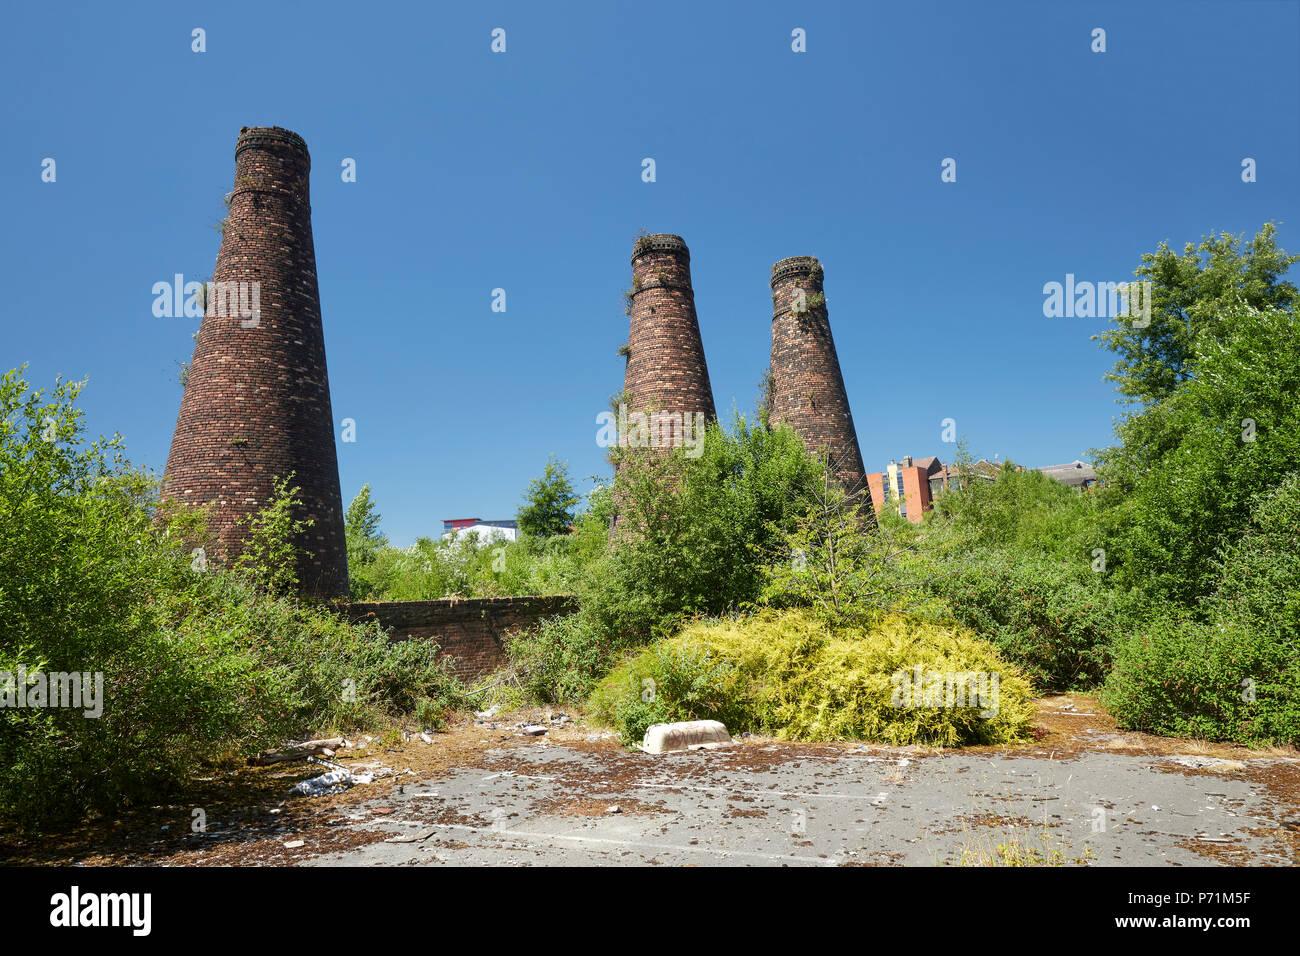 Three Bottle Kilns at Acme Marls Bournes Bank Burslem Stoke-on-Trent Staffordshire England  UK - Stock Image